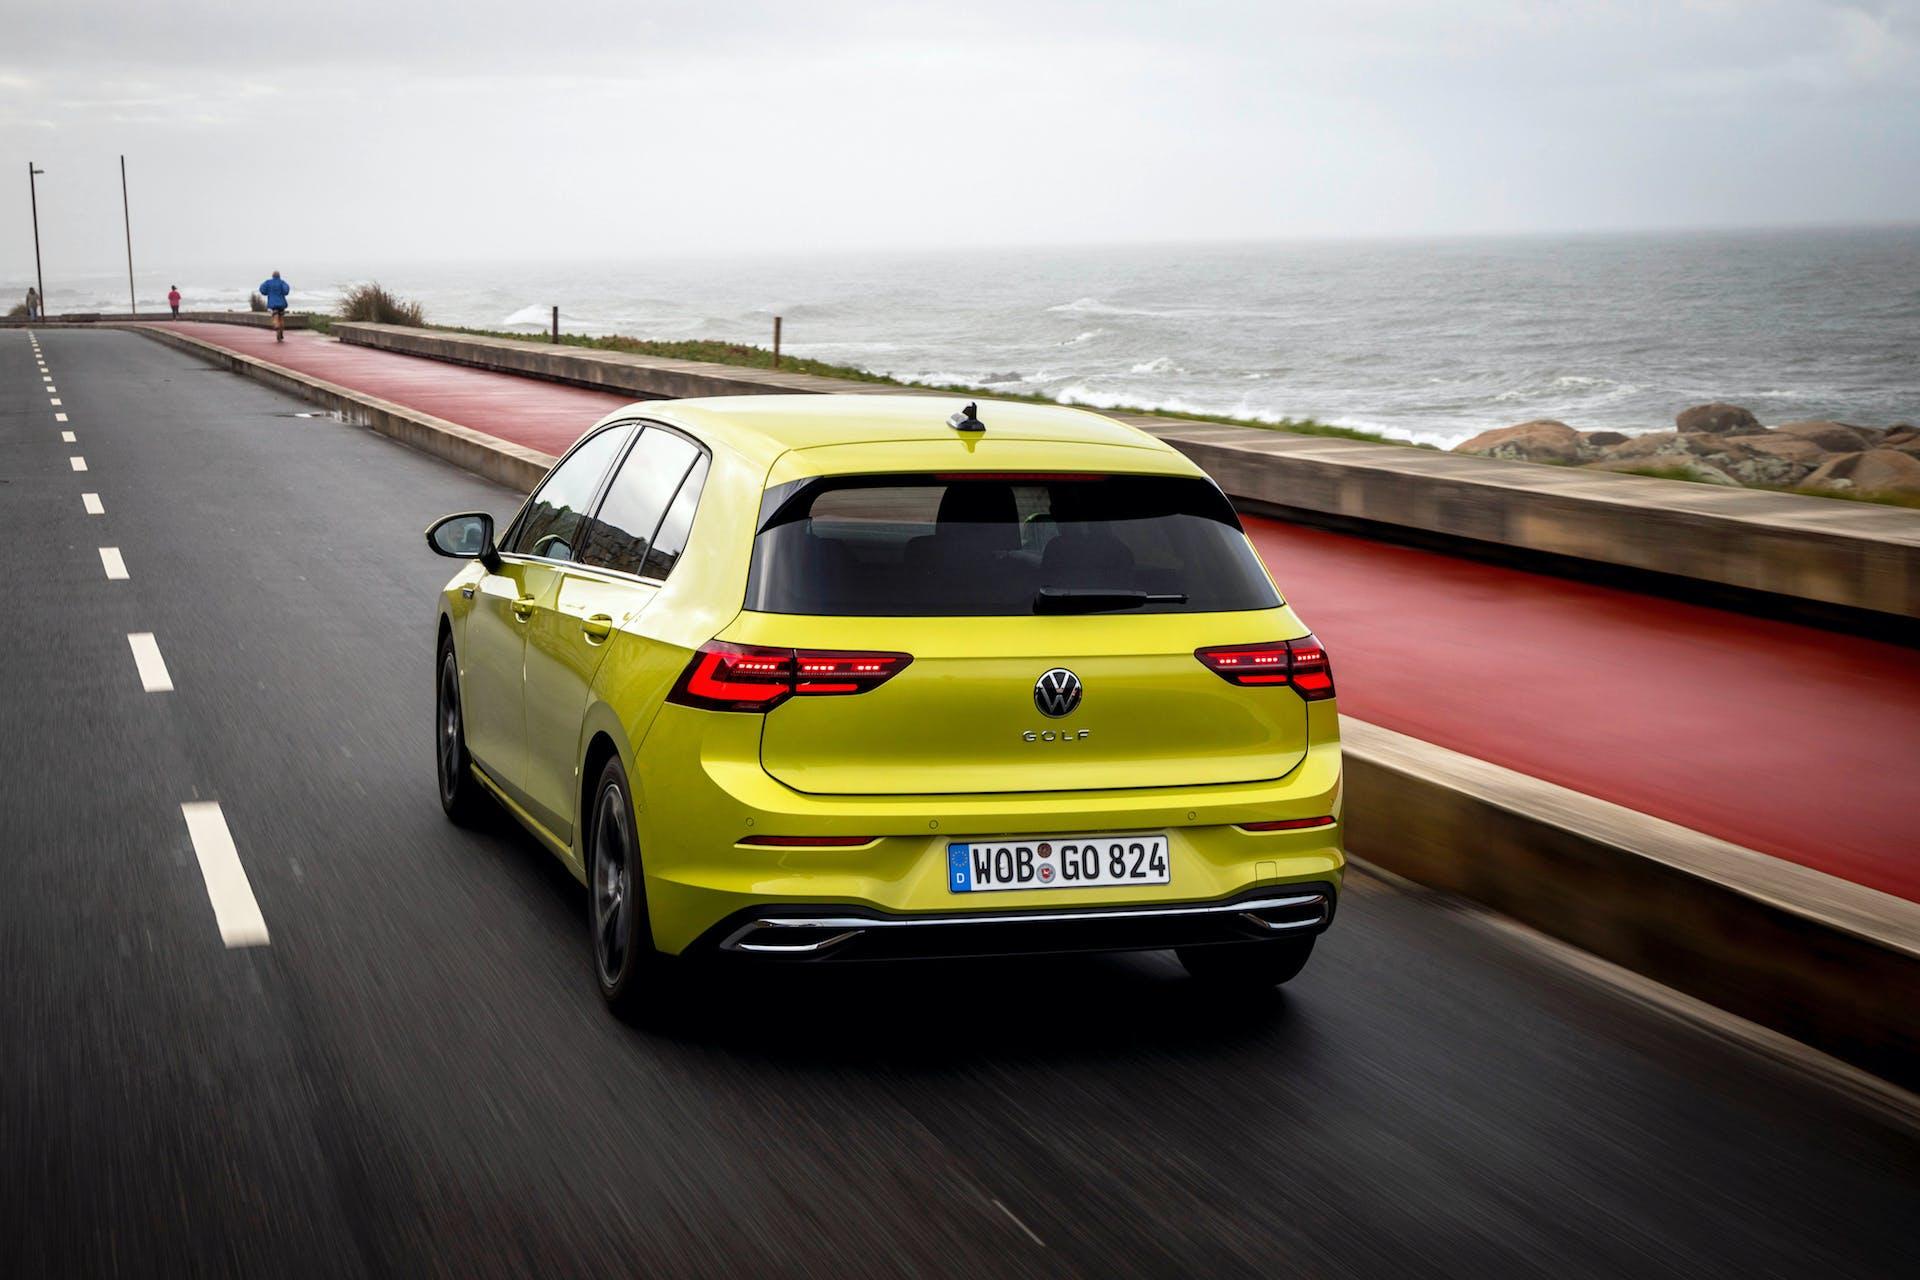 Nuova Volkswagen Golf 8 colo oro su strada con il mare sullo sfondo